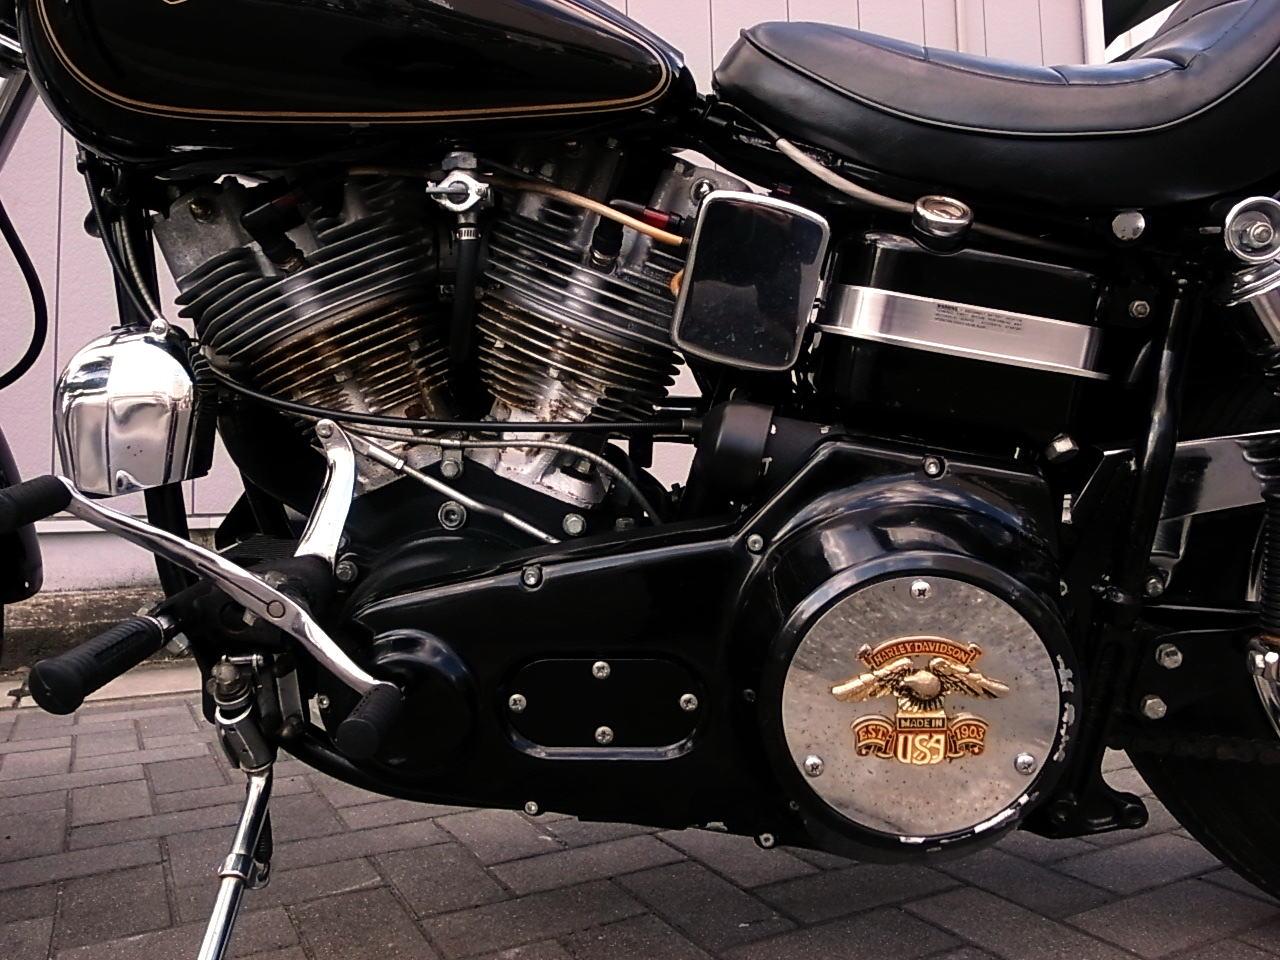 Wide Gride_b0160319_19561160.jpg